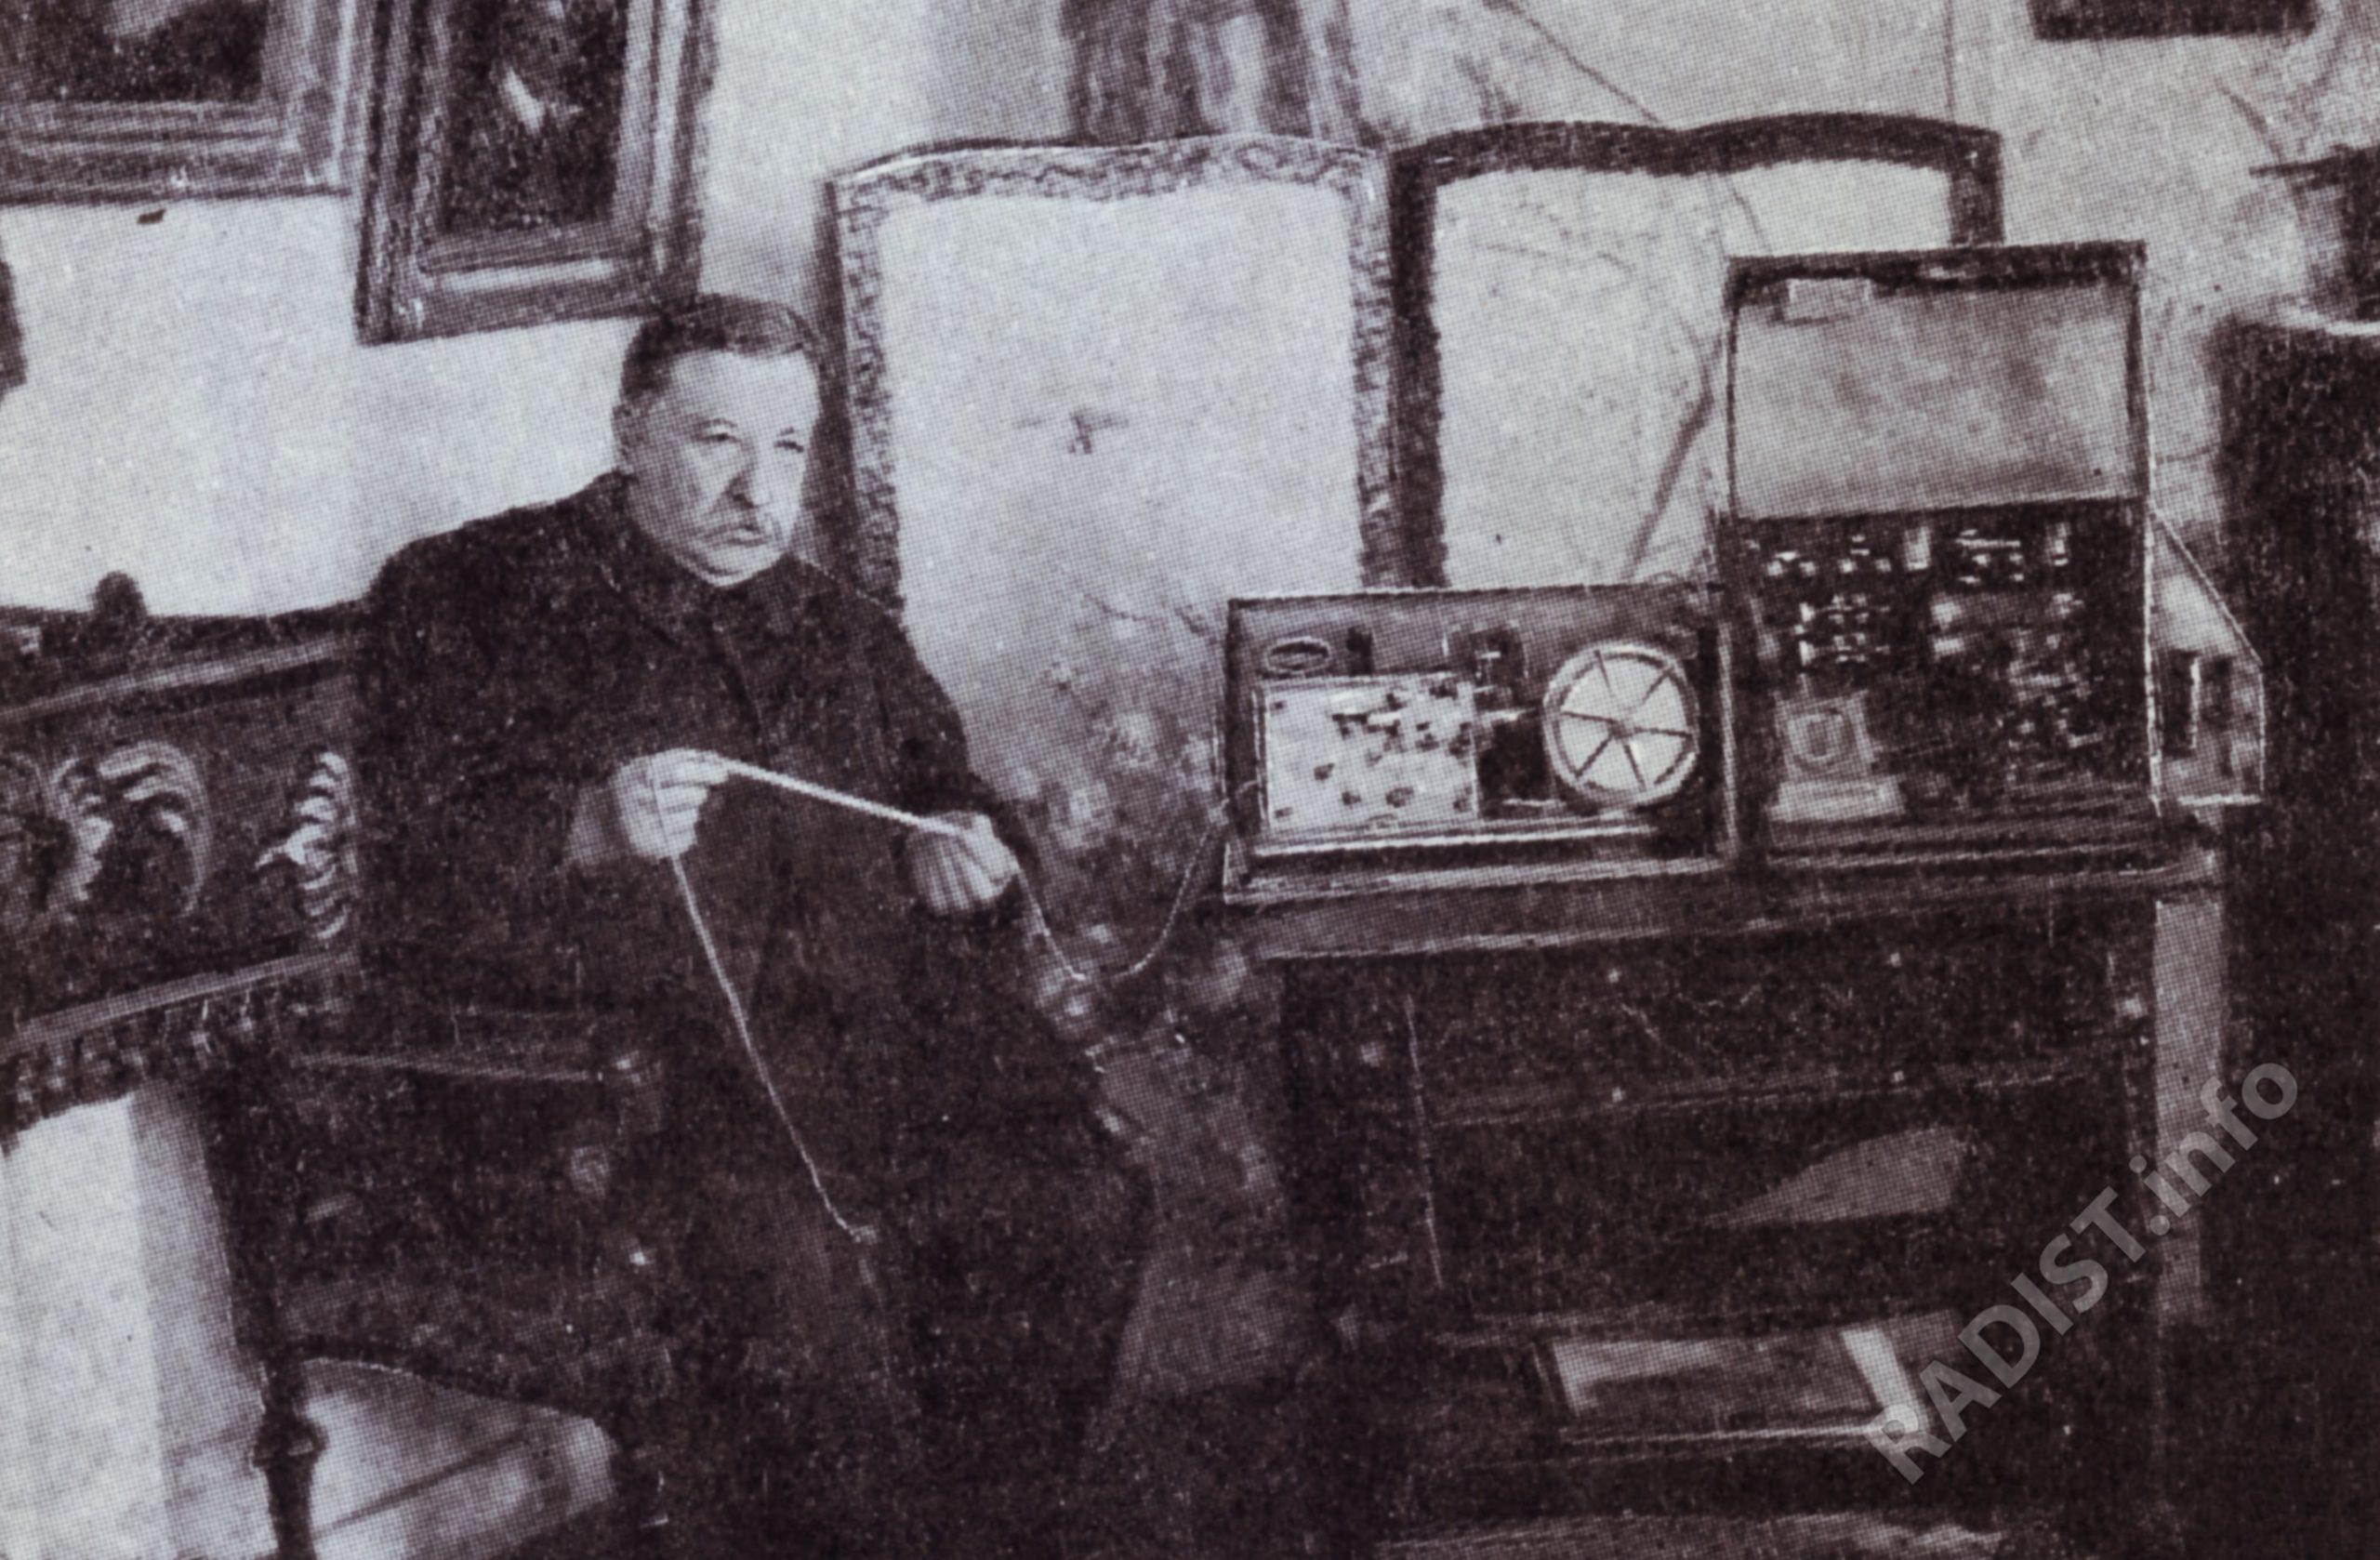 Э. Дюкрете с беспроволочным телеграфным приемником системы А. Попова-Э. Дюкрете